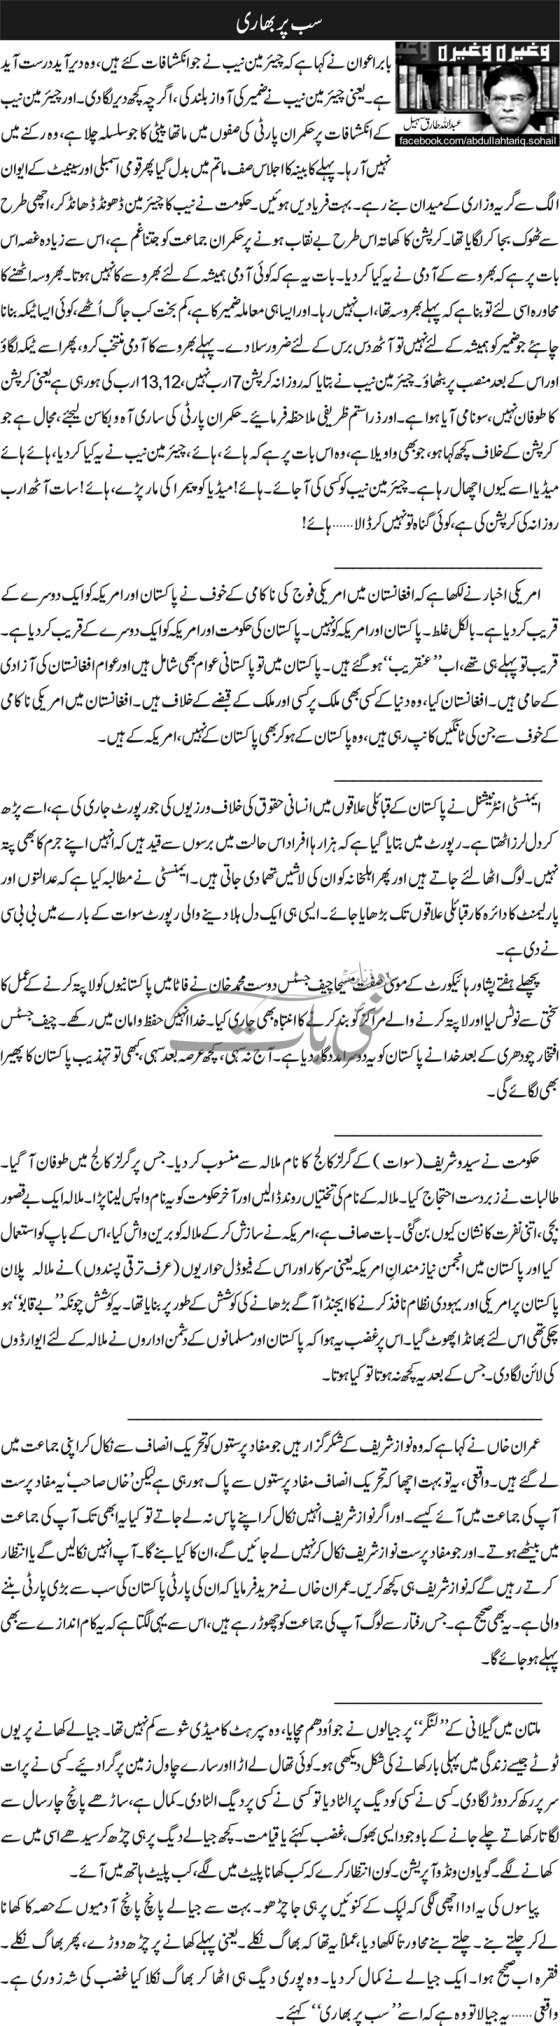 Sub par bhari - Abdullah Tariq Sohail